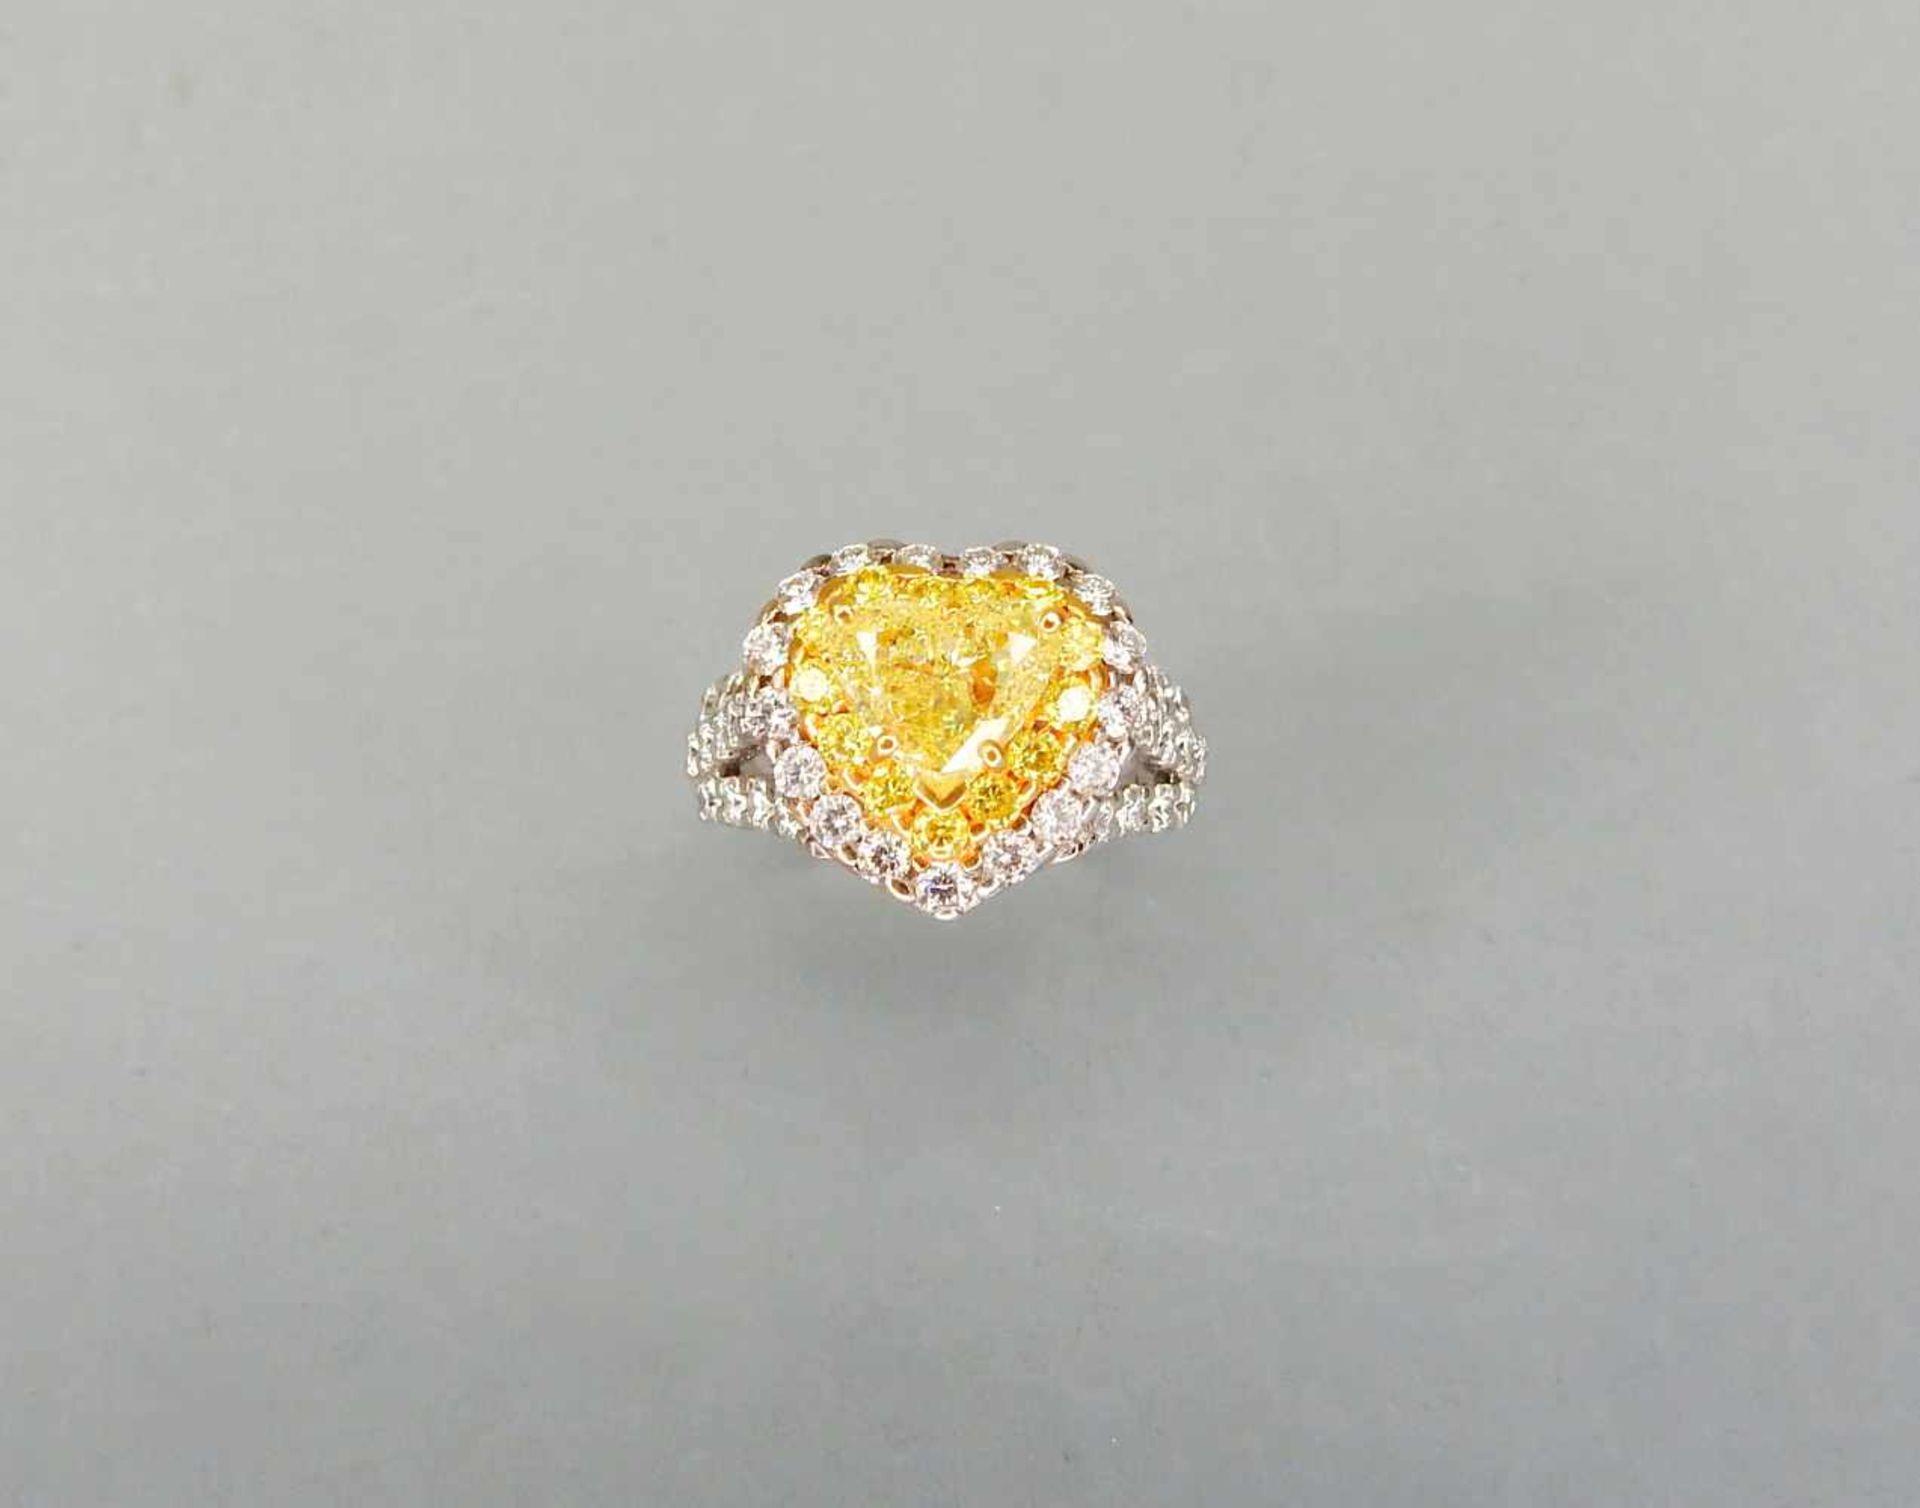 Außergewöhnlicher Diamantring18 K Weißgold. Auffälliger herzförmiger, gelber Diam